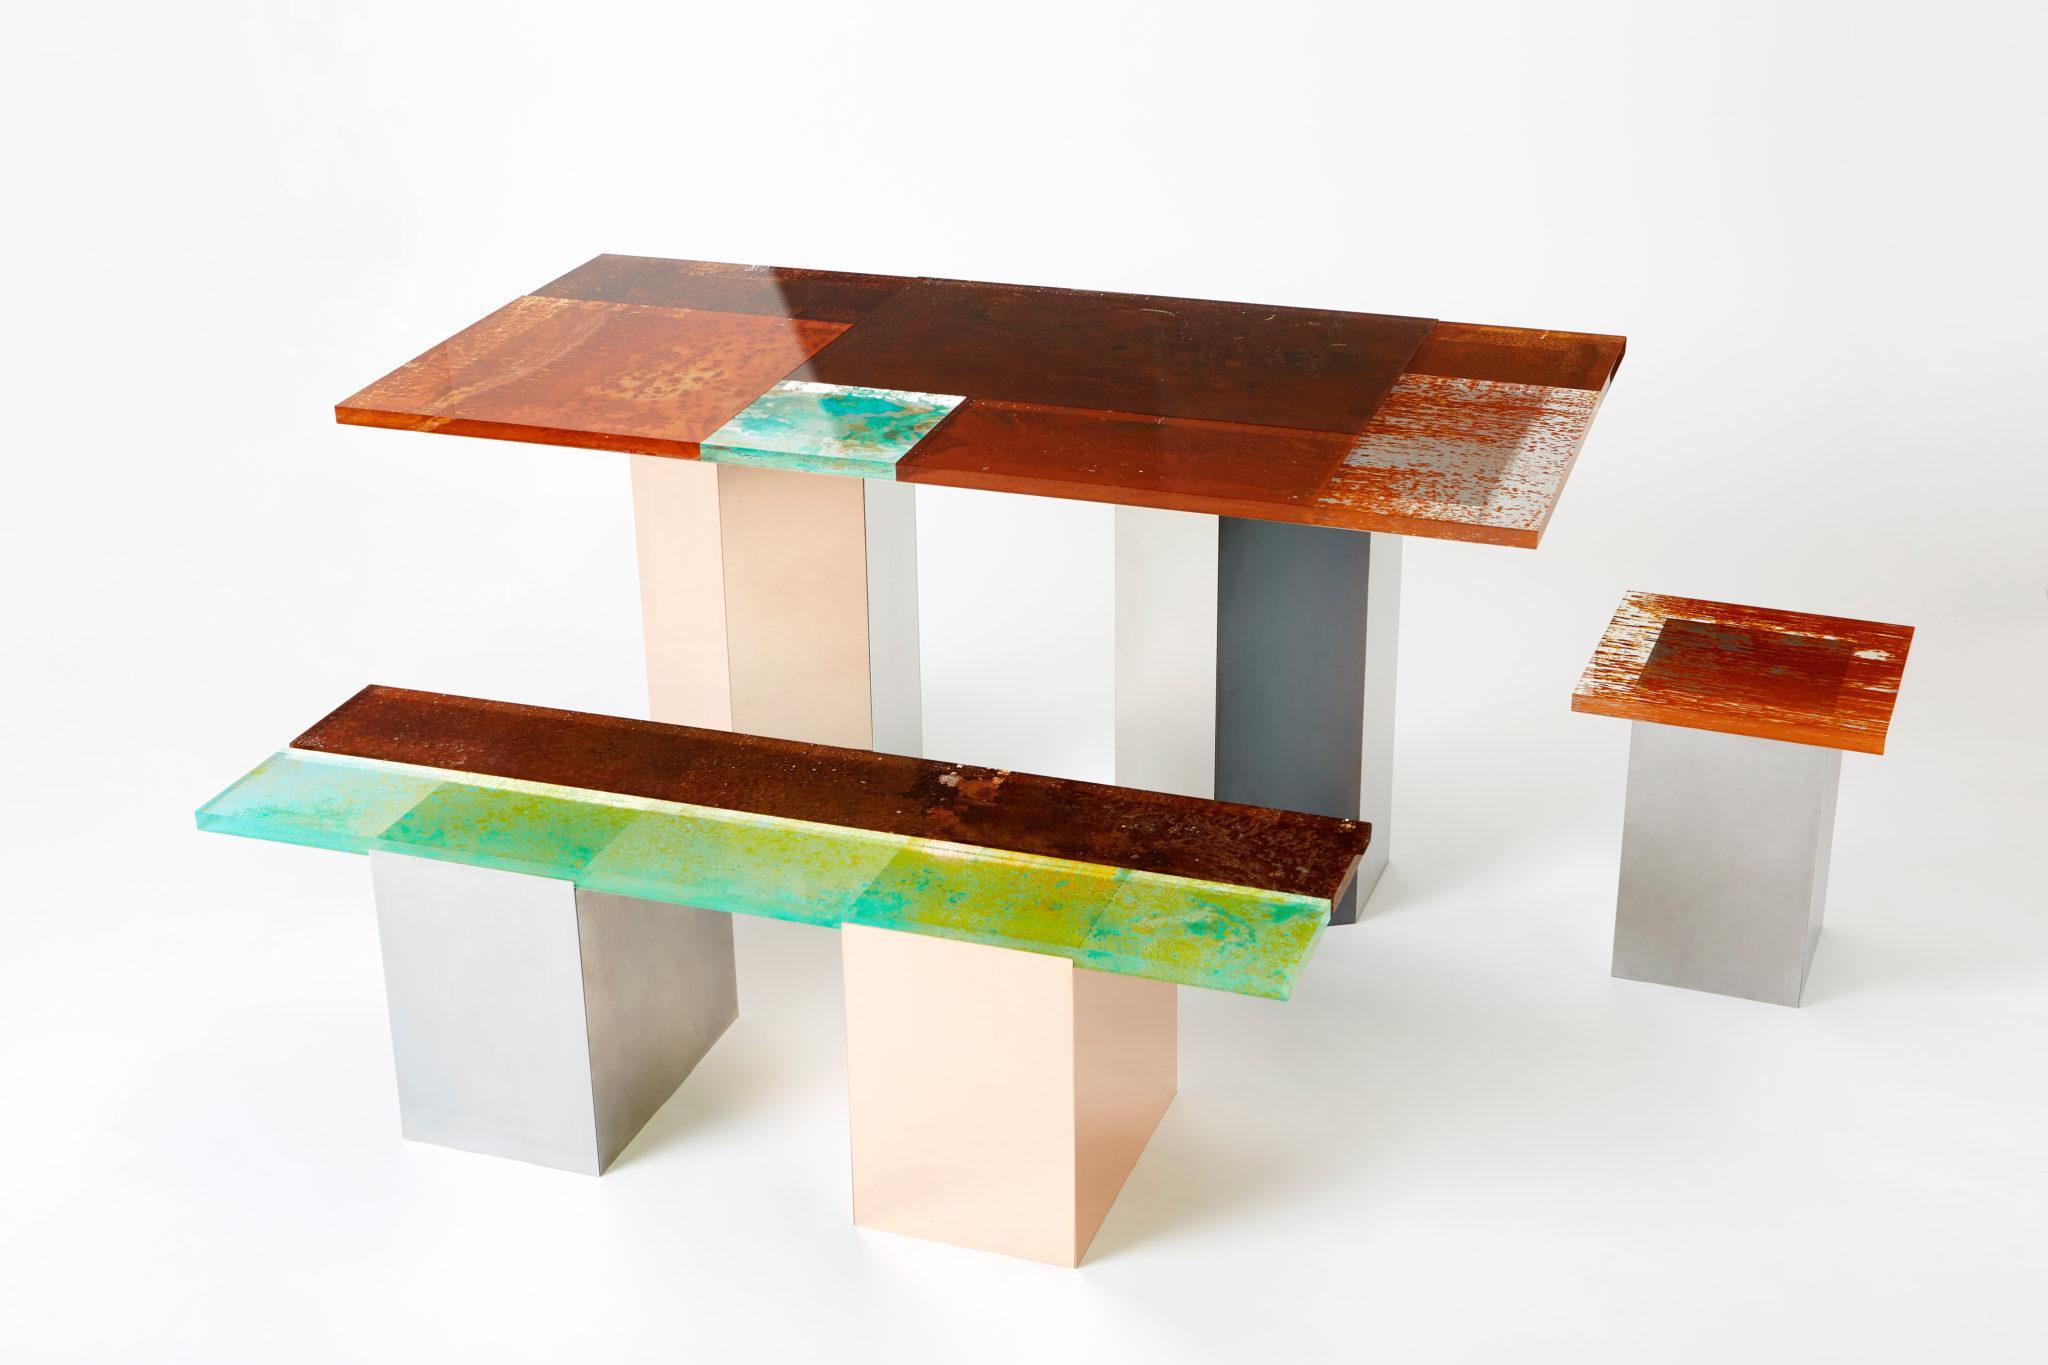 mesa y banco del proyecto Rust Harvest del japones Yuma Kano